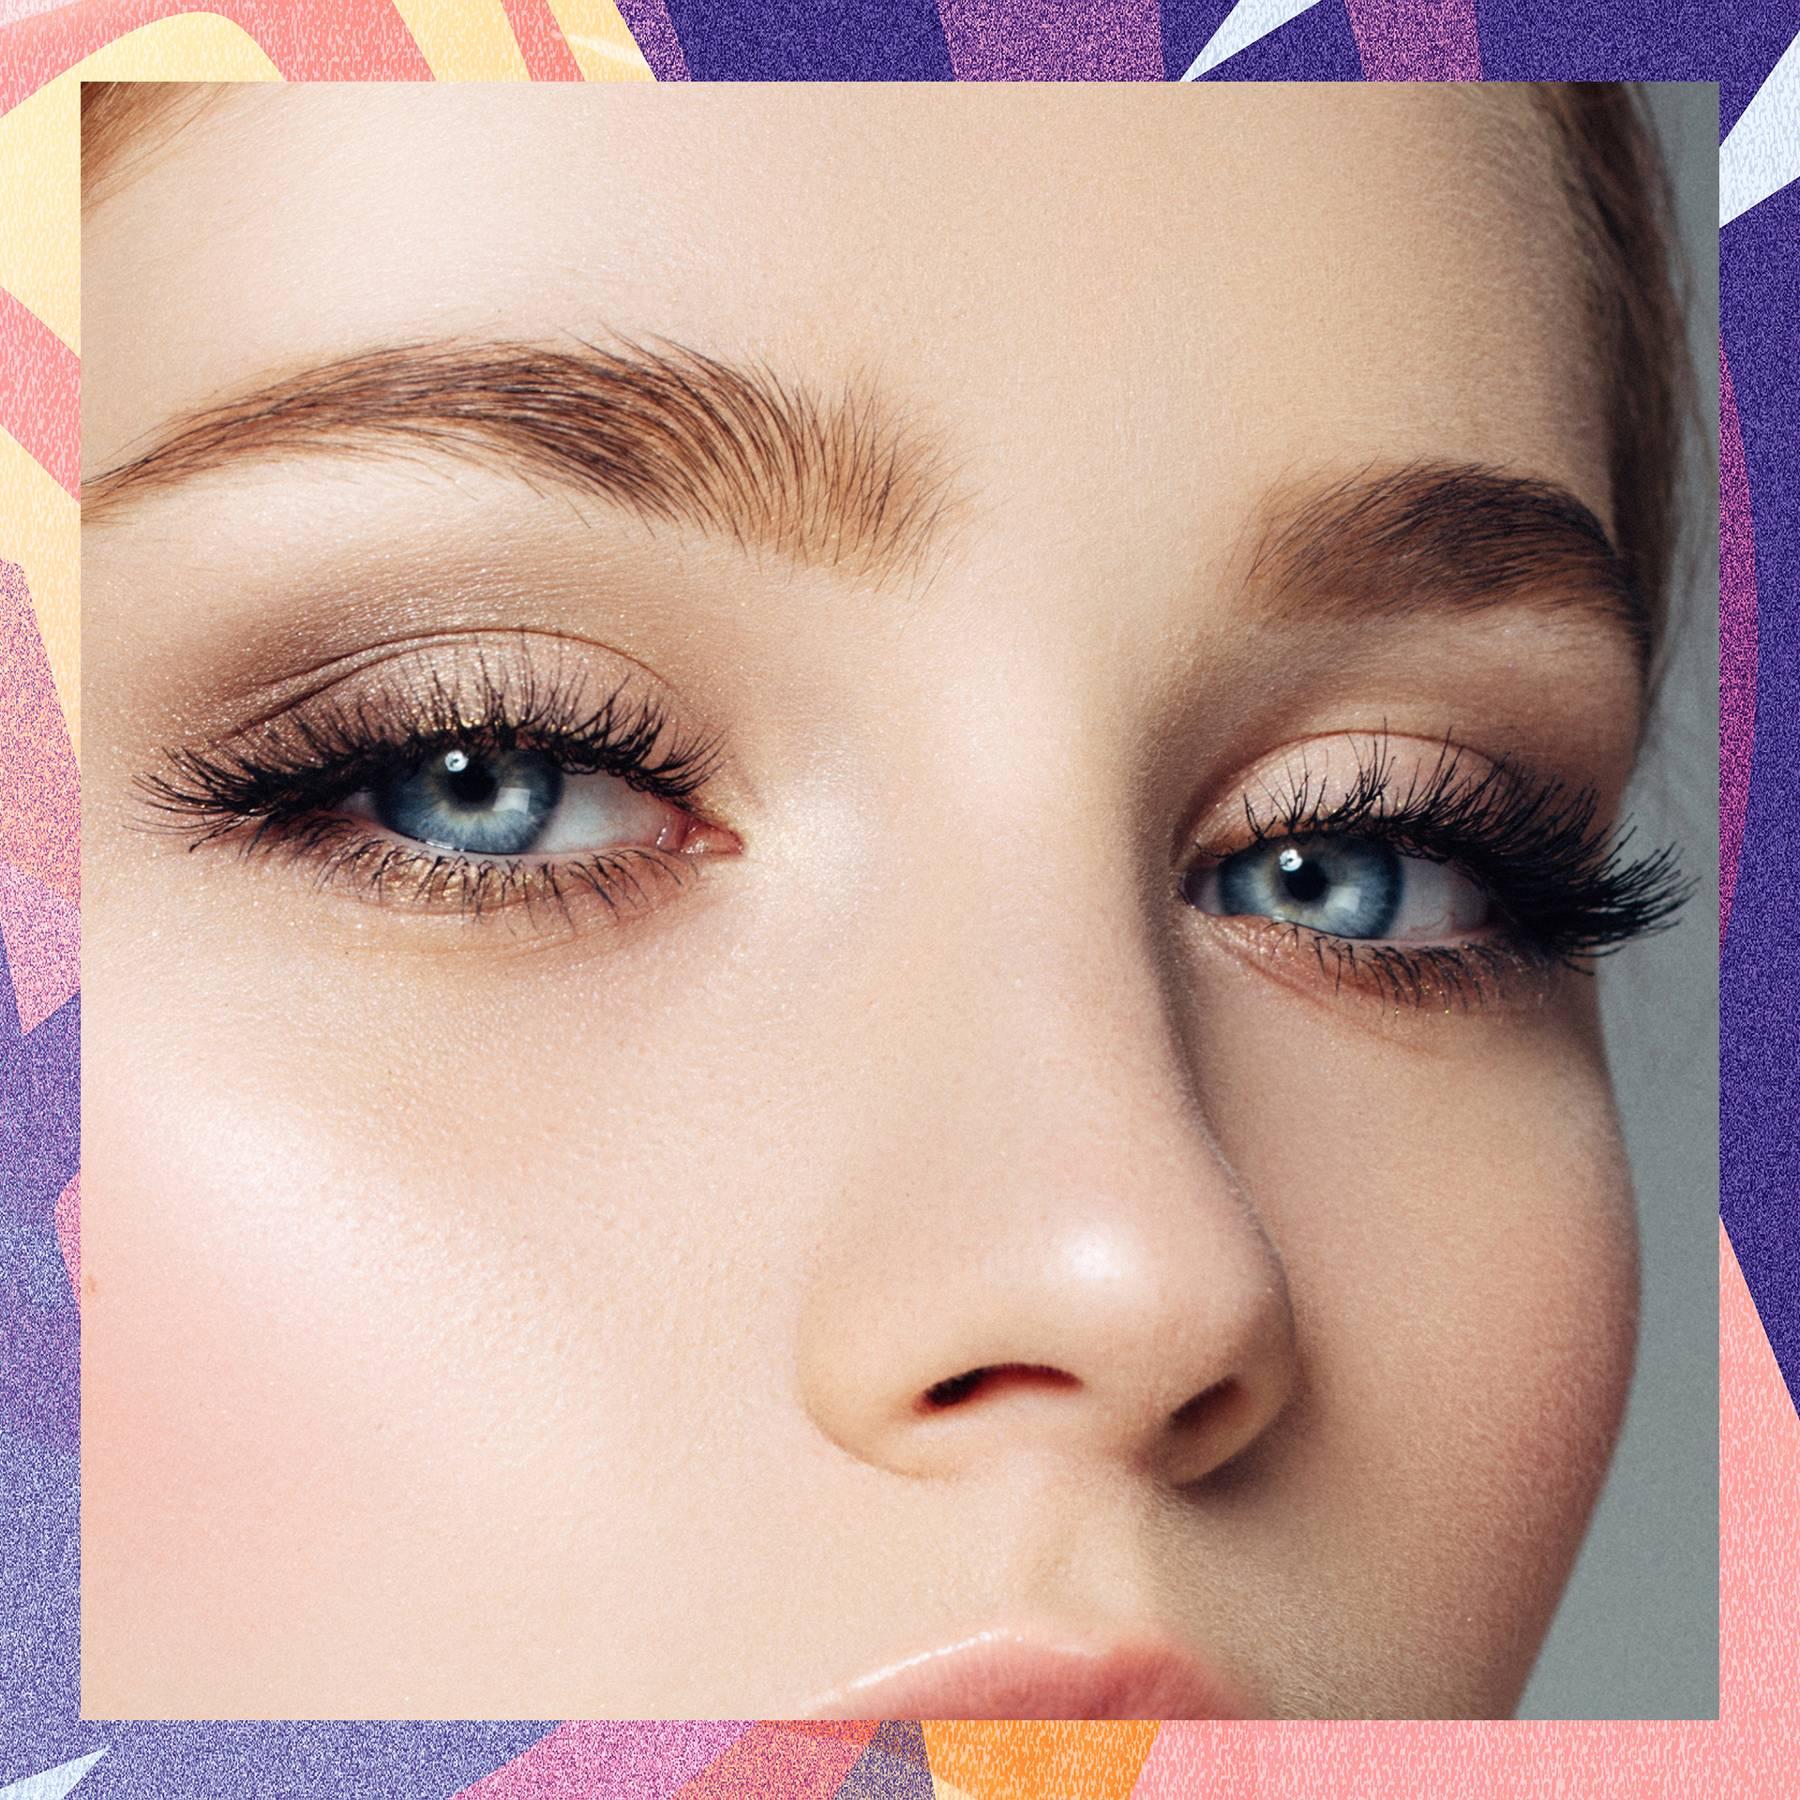 bec9b654848 The Truth About Mink Eyelashes | Glamour UK